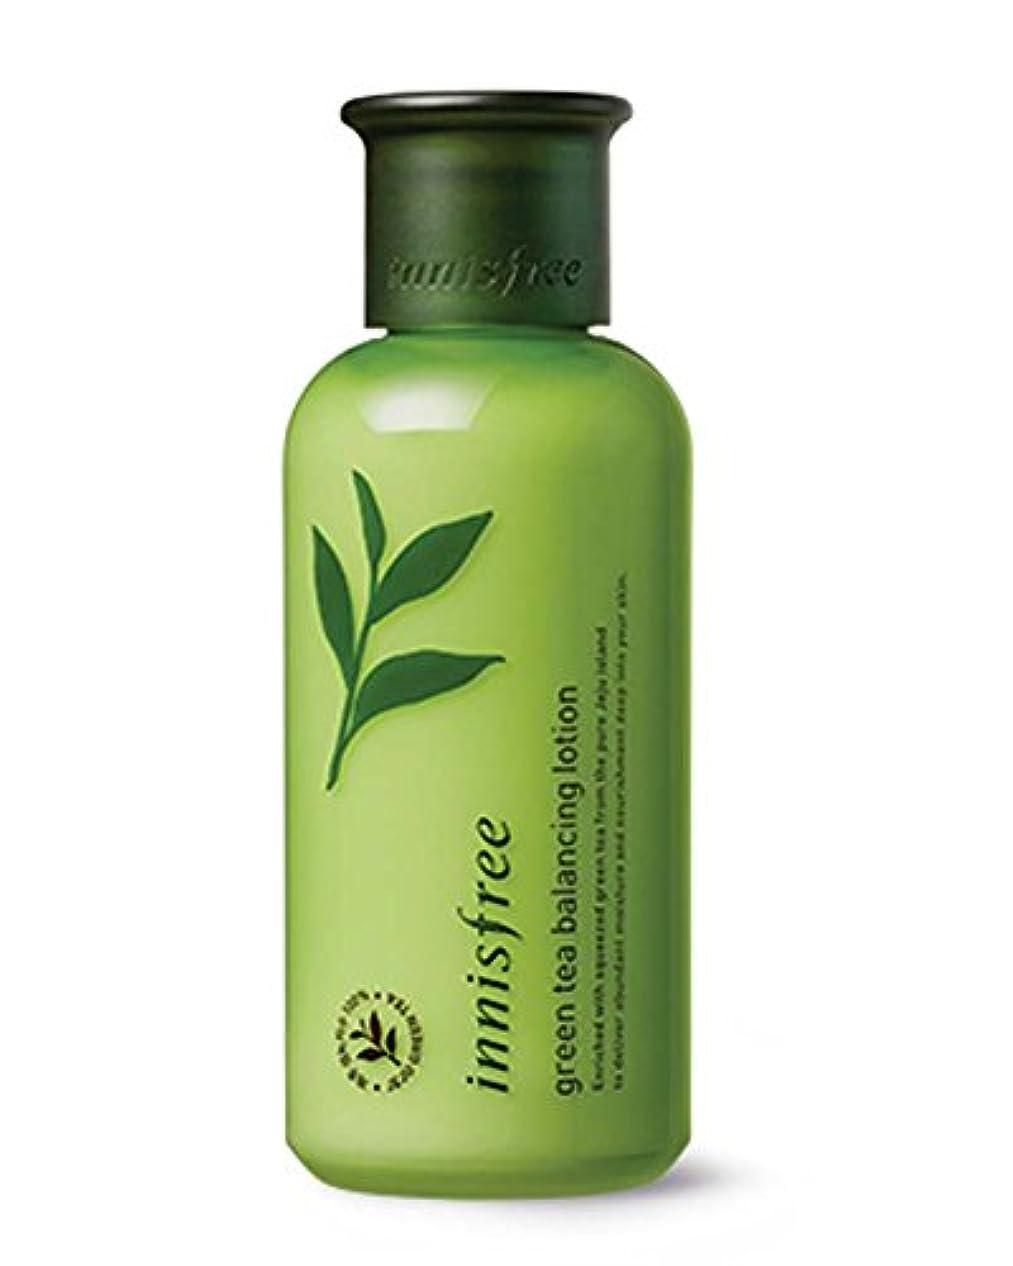 採用効率的に上昇イニスフリーグリーンティーバランシングローション160ml Innisfree Green Tea Balancing Lotion 160ml [海外直送品][並行輸入品]